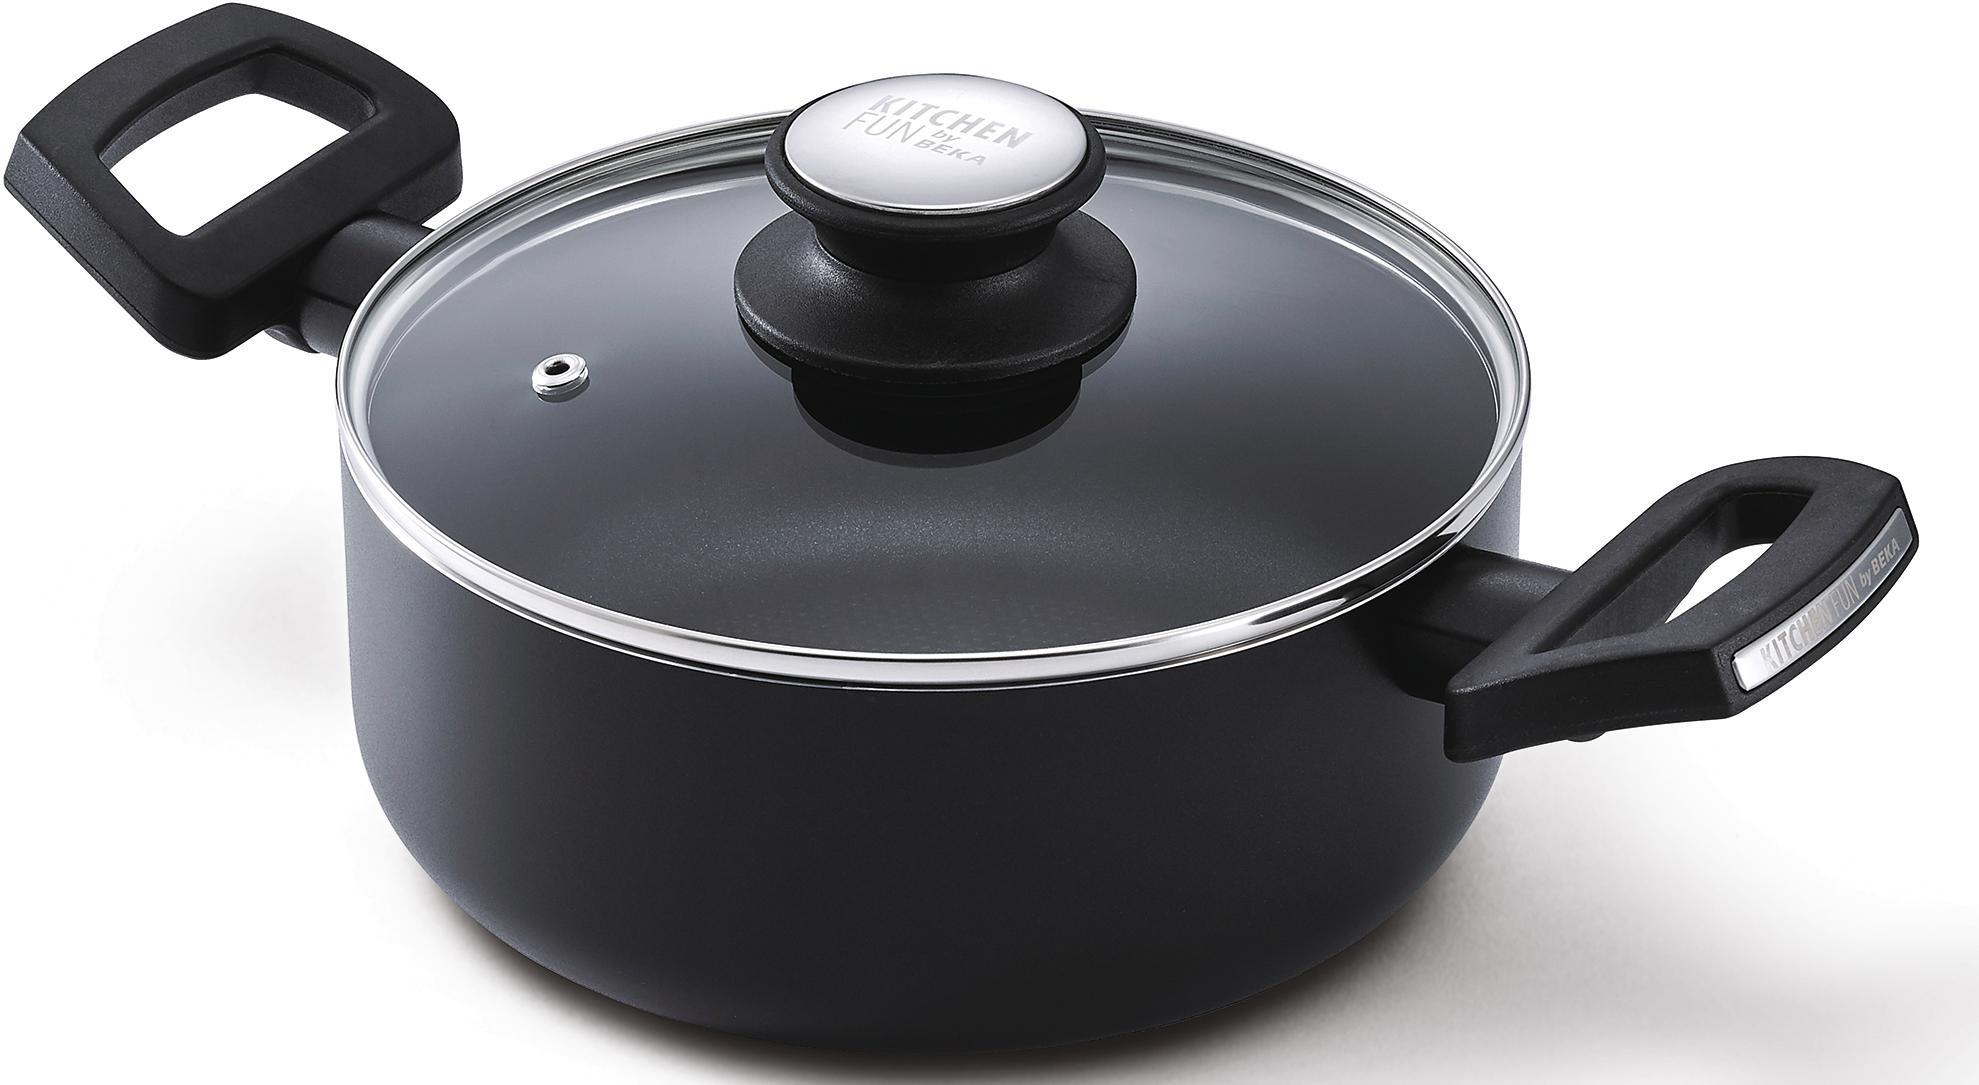 Beka Kochtopf Salsa, Aluminium, (1 tlg.), Induktion schwarz Gemüsetöpfe Töpfe Haushaltswaren